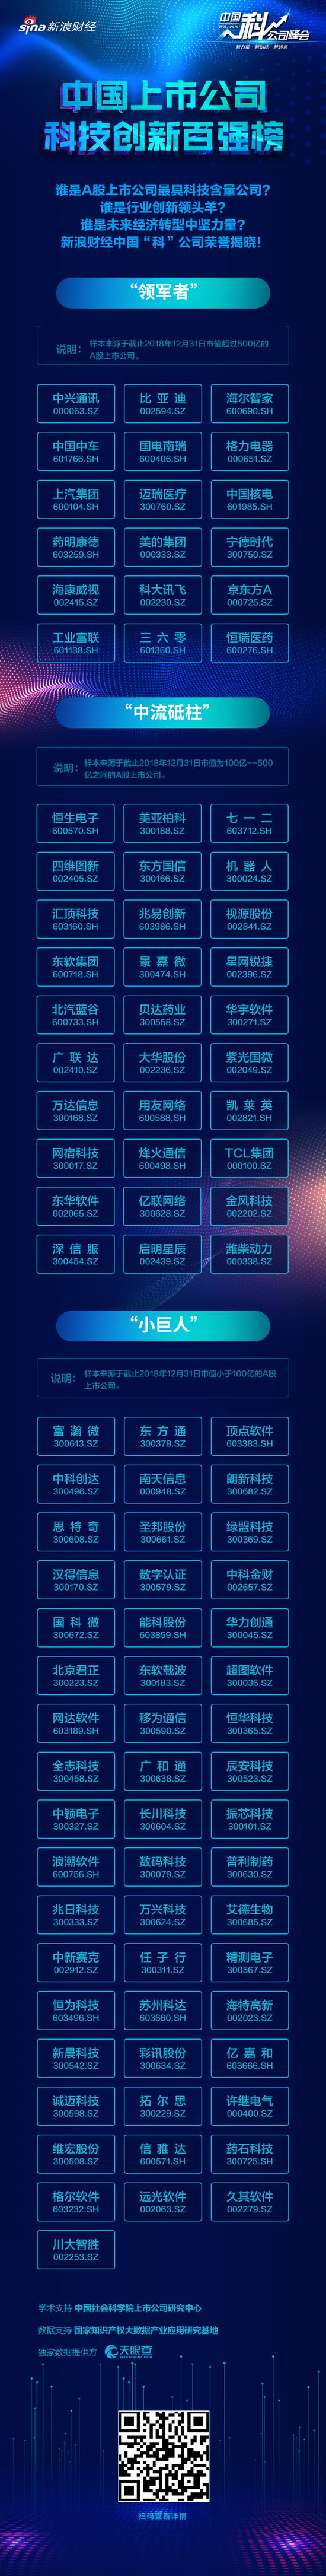 """上汽集团获上市公司科技创新百强企业""""领军"""